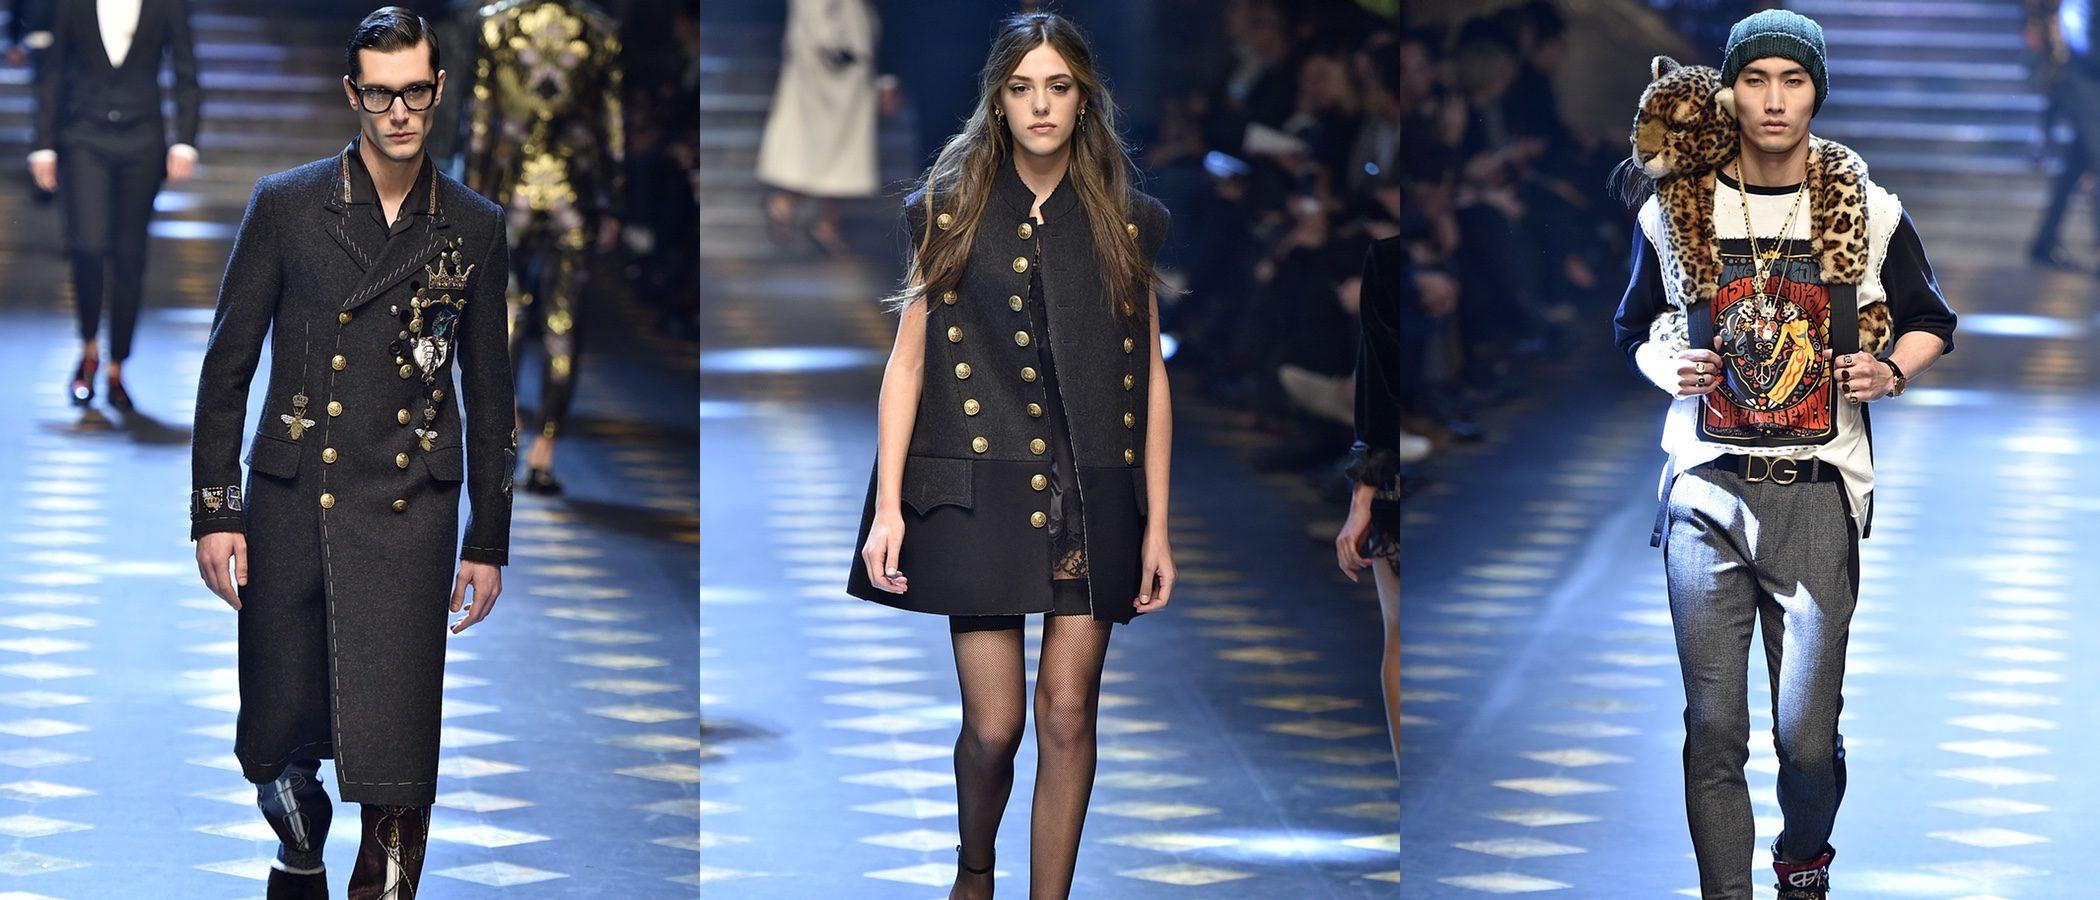 Los 'millennials' se suben a la Milán Fashion Week con el otoño/invierno 2017/2018 de Dolce & Gabbana